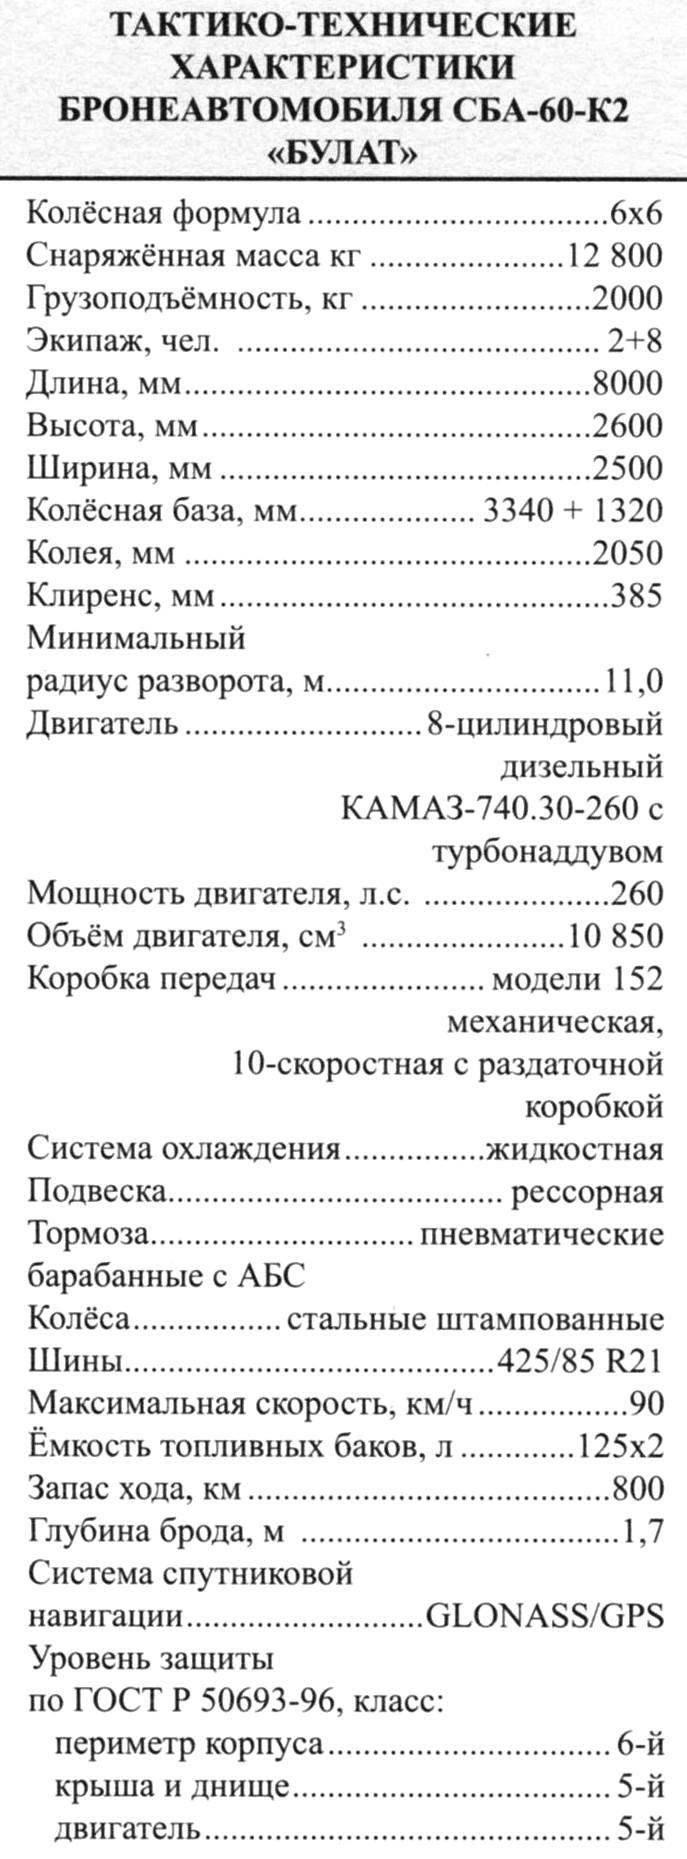 ТАКТИКО-ТЕХНИЧЕСКИЕ ХАРАКТЕРИСТИКИ БРОНЕАВТОМОБИЛЯ СБА-60-К2 «БУЛАТ»